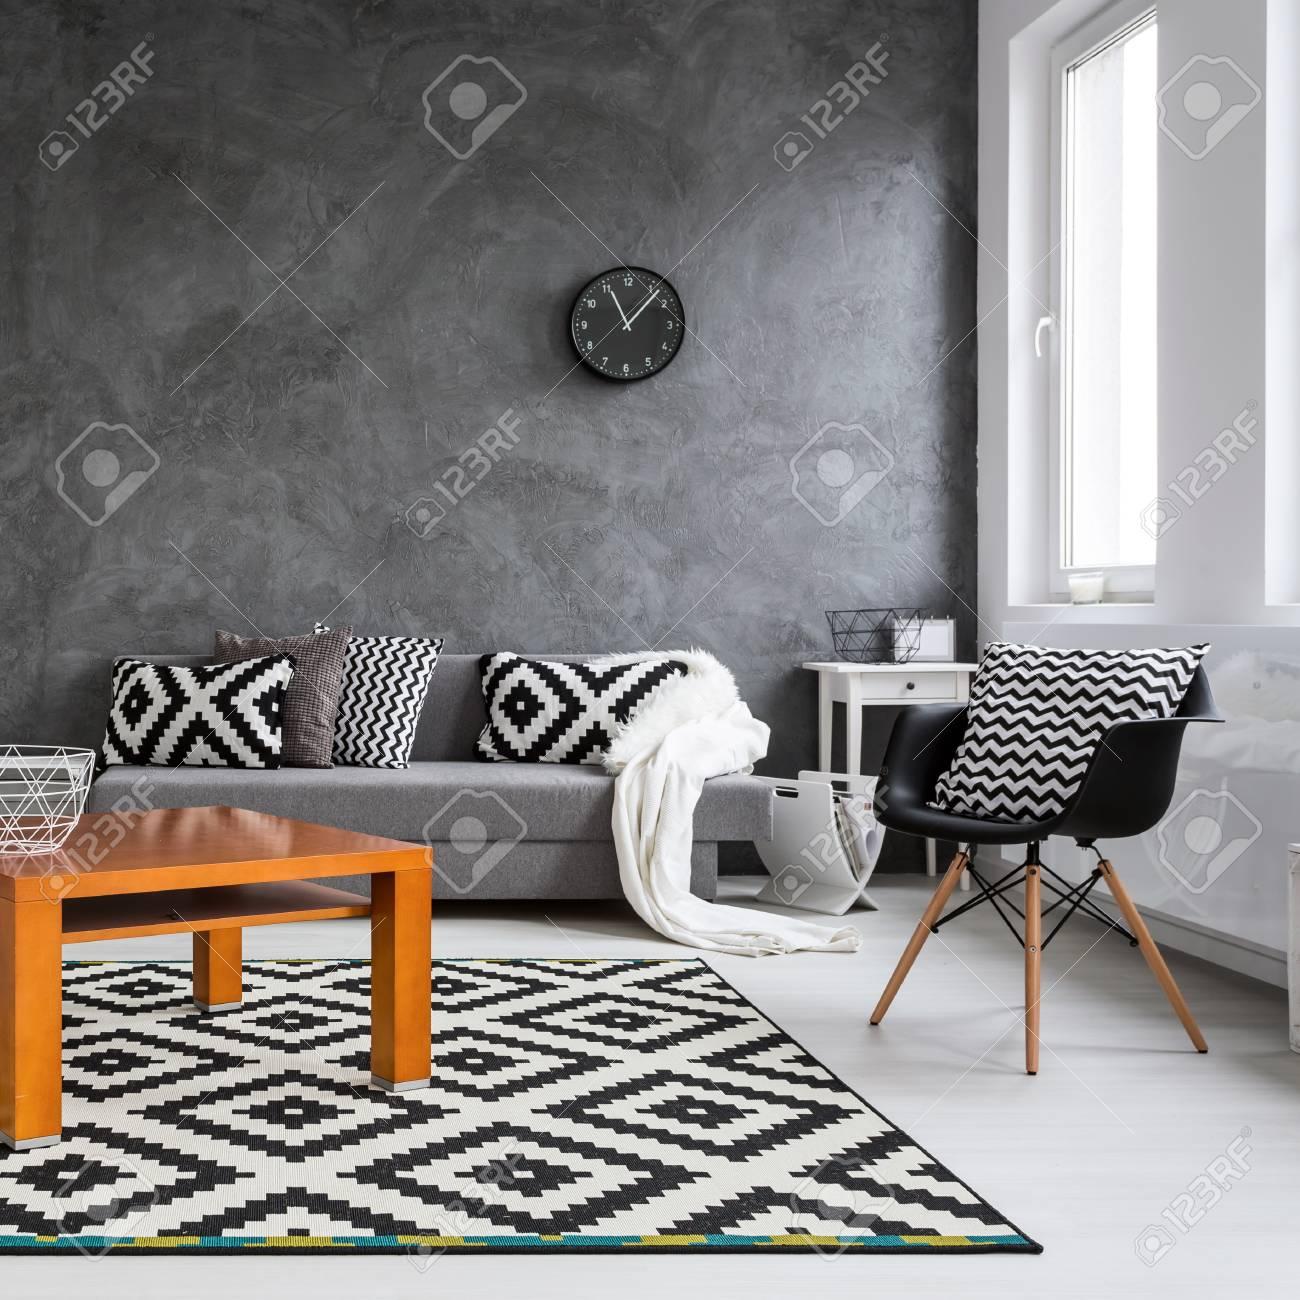 gris salon avec canape chaises lampe debout petite table en bois et decoration en noir et blanc